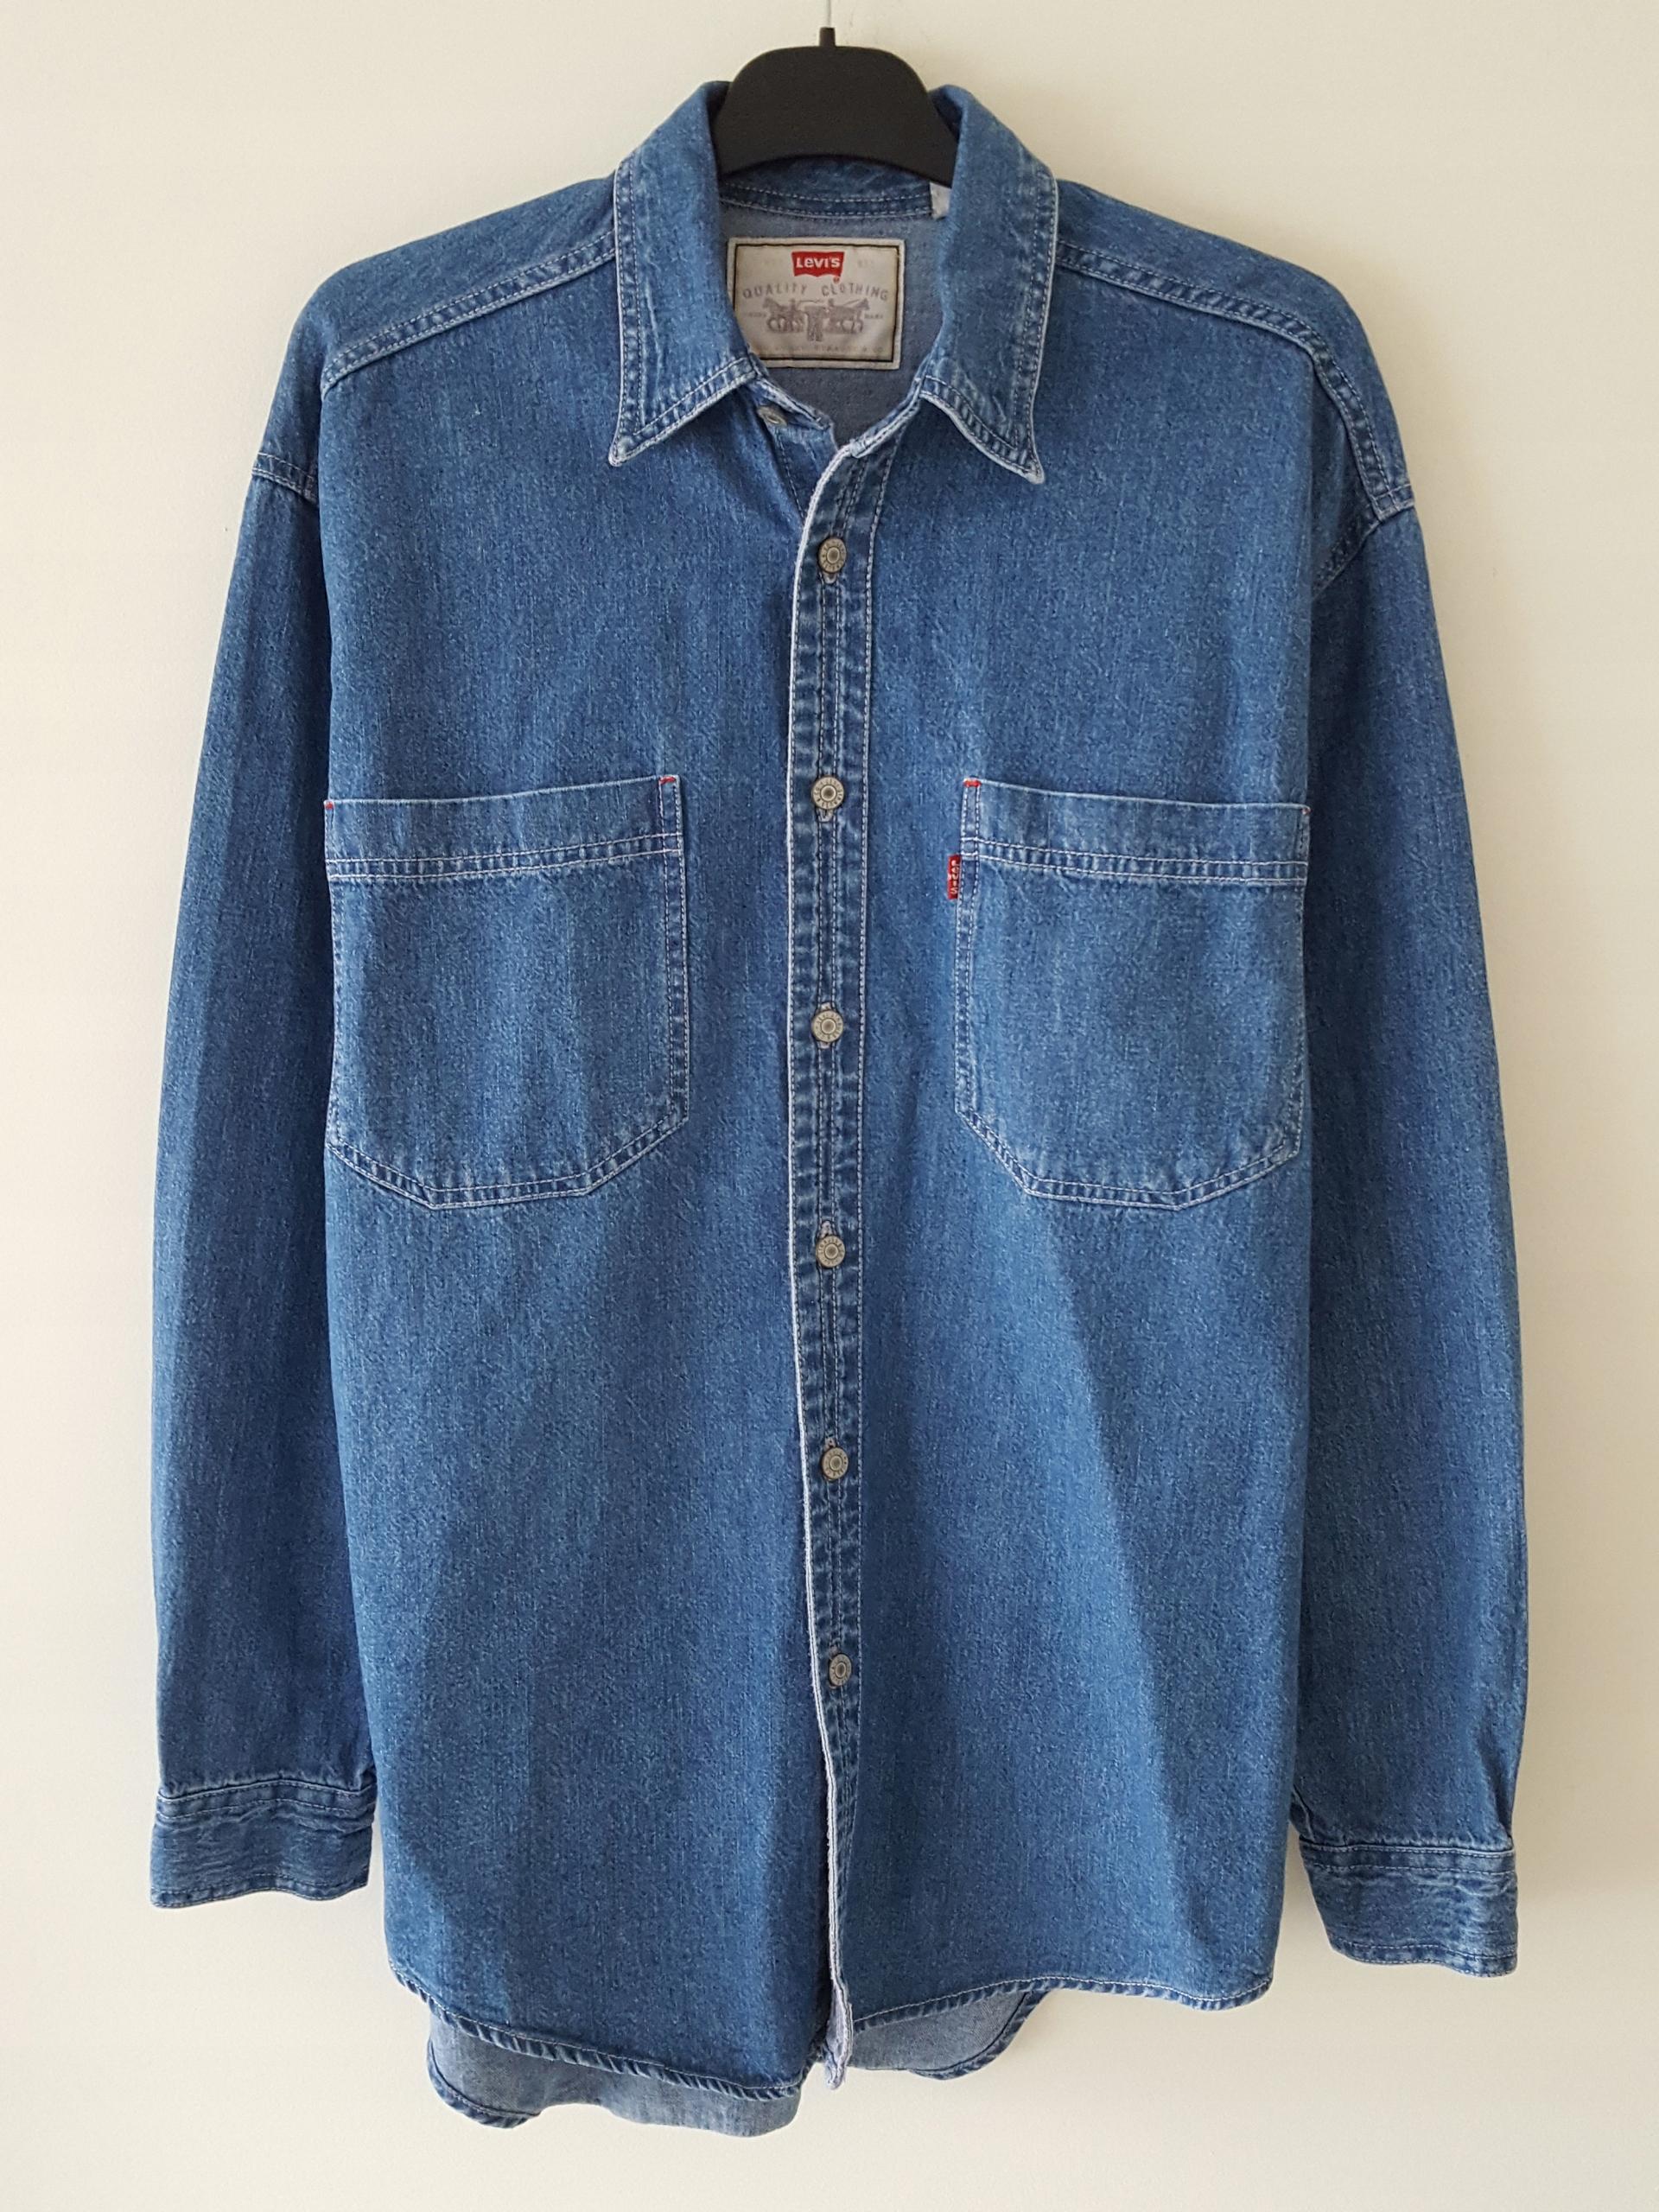 Koszula męska jeansowa Levi's r. S